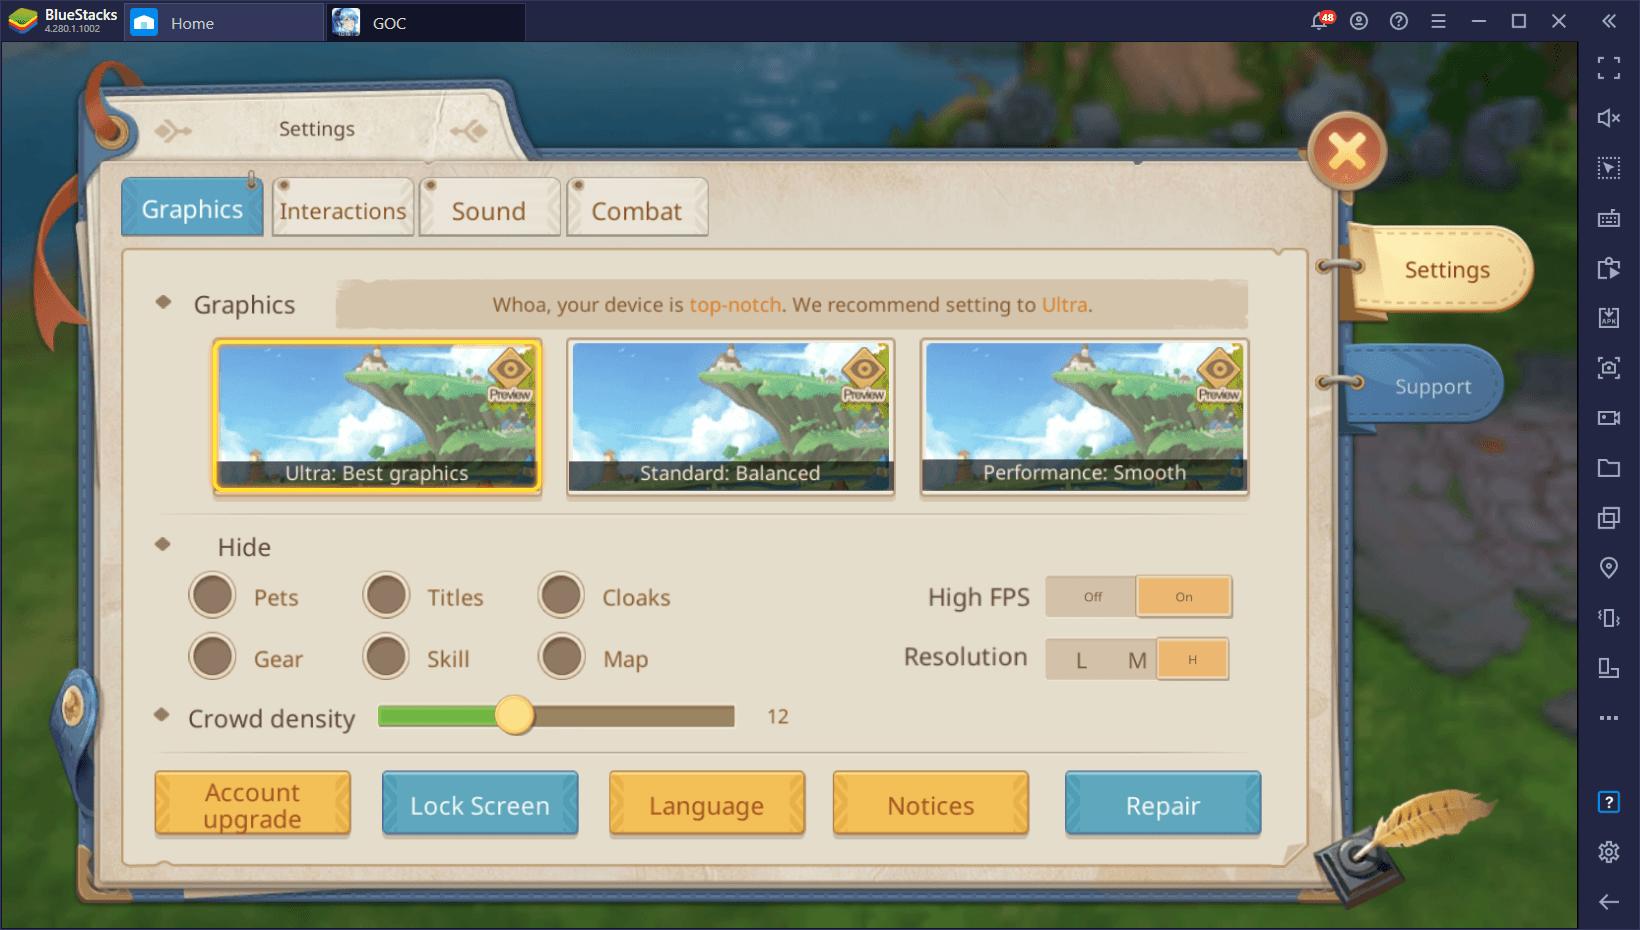 لعبة Guardians of Cloudia  – كيفية استخدام أدوات محاكي BlueStacks لصالحك في لعبة لعب الأدوار و متعددة اللاعبين على الإنترنت (MMORPG ) باستخدام الهاتف